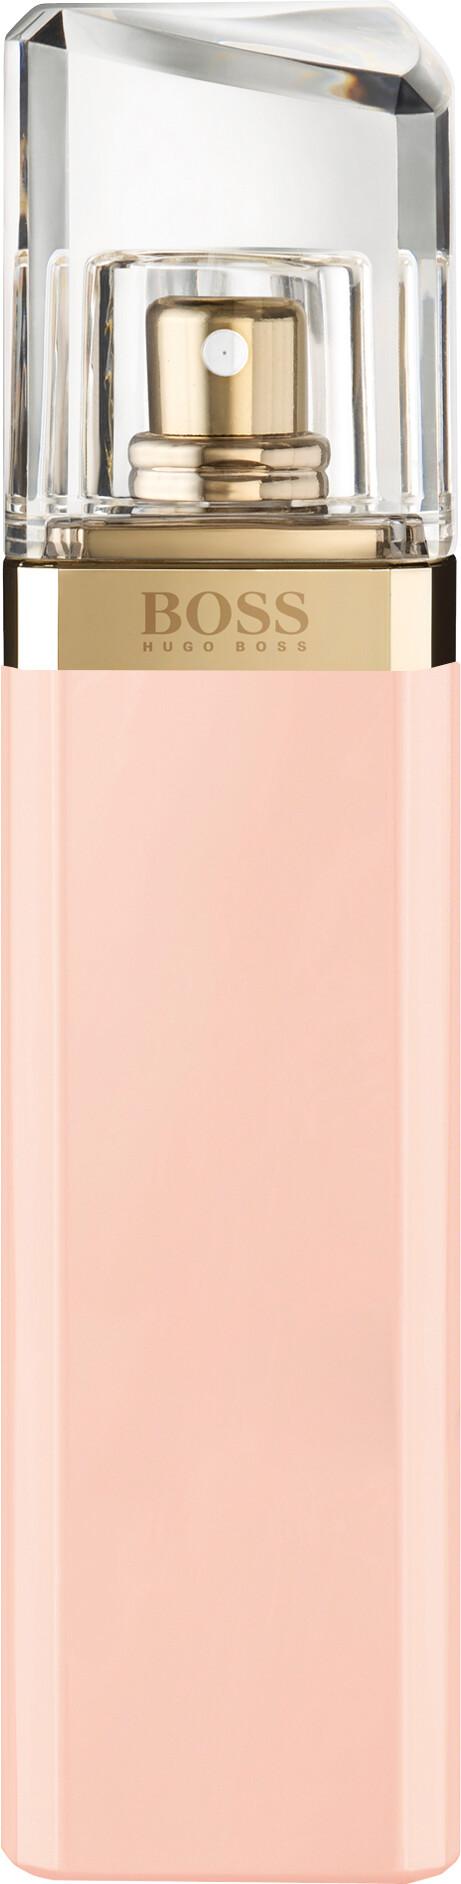 HUGO BOSS BOSS Ma Vie Pour Femme Eau de Parfum Spray 50ml